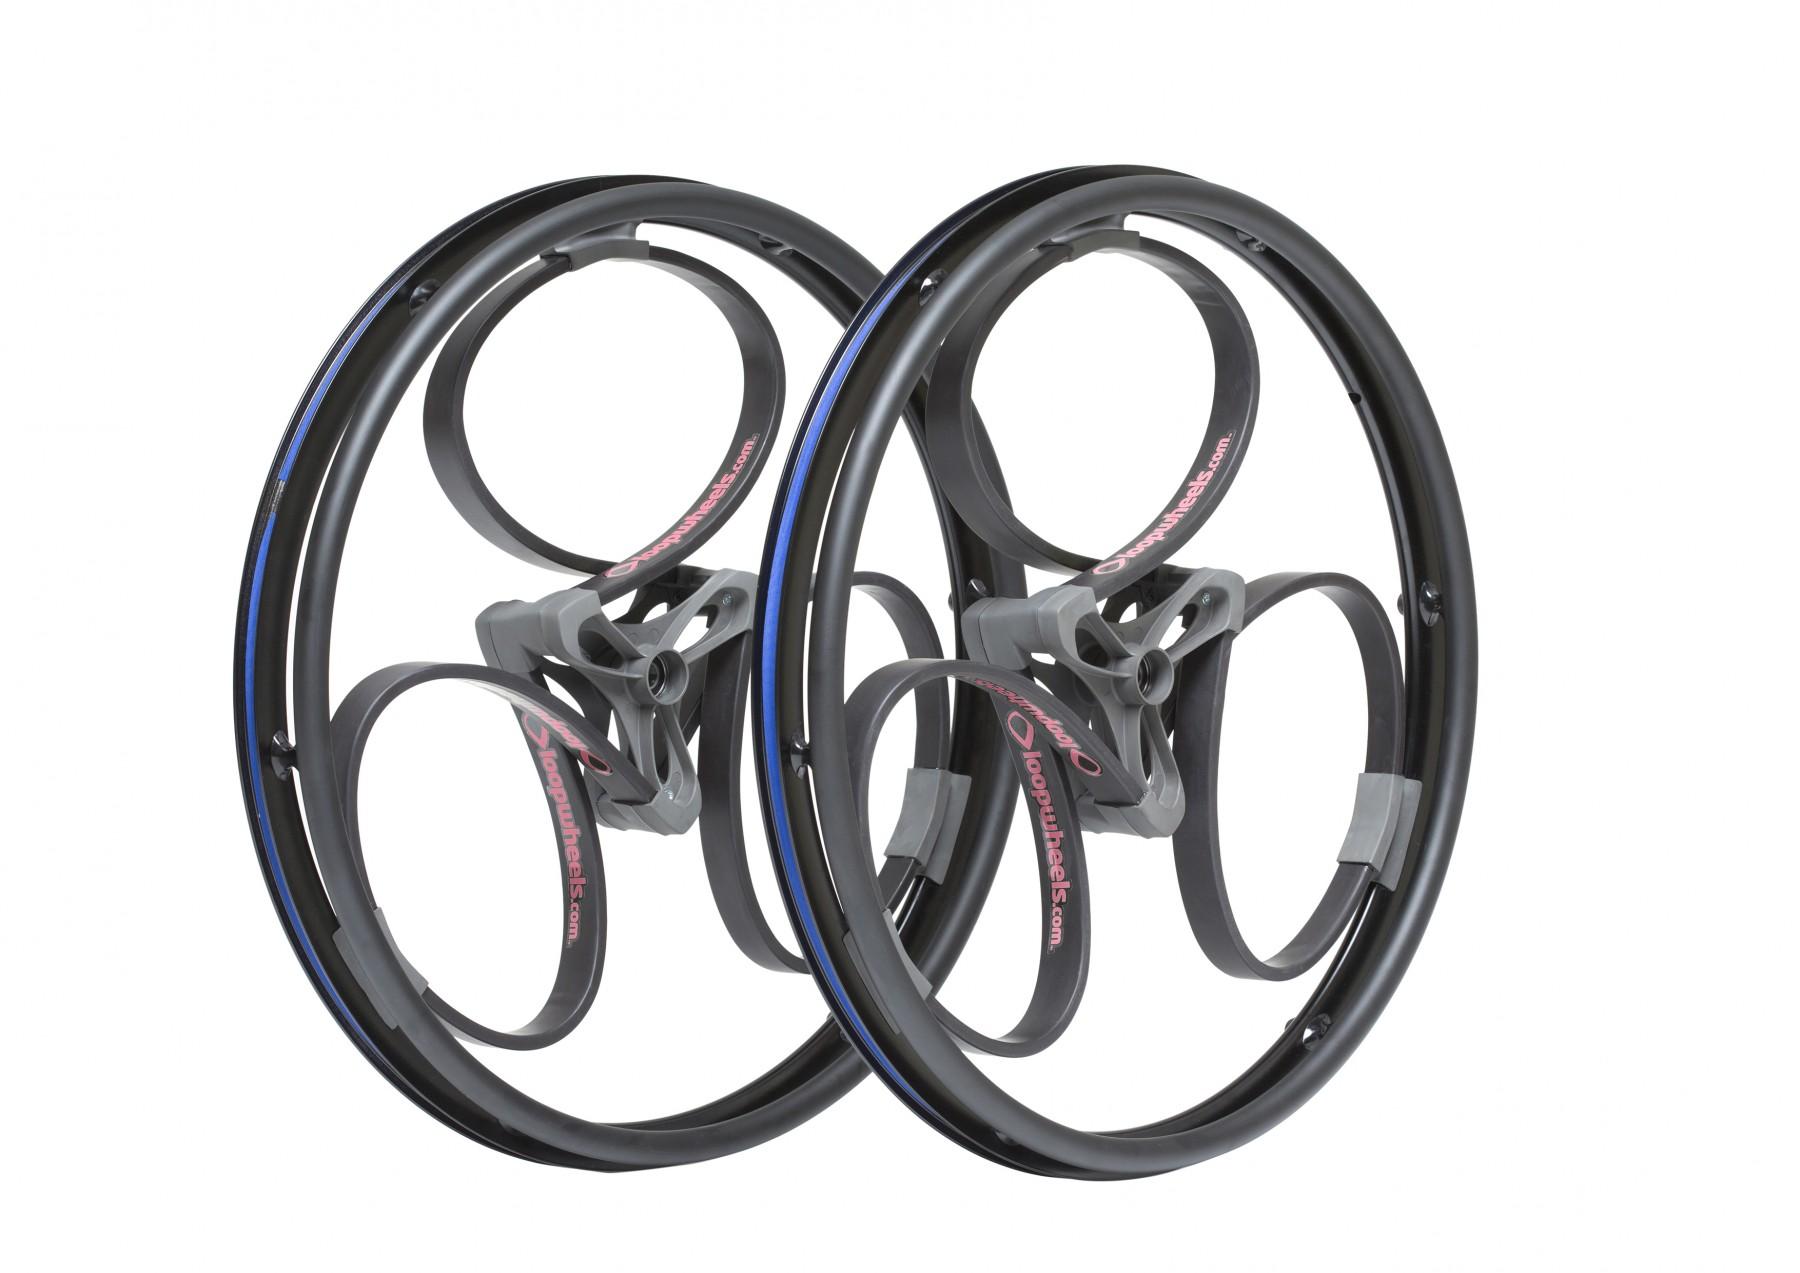 Black Suspension Wheelchair Wheels from Loopwheels